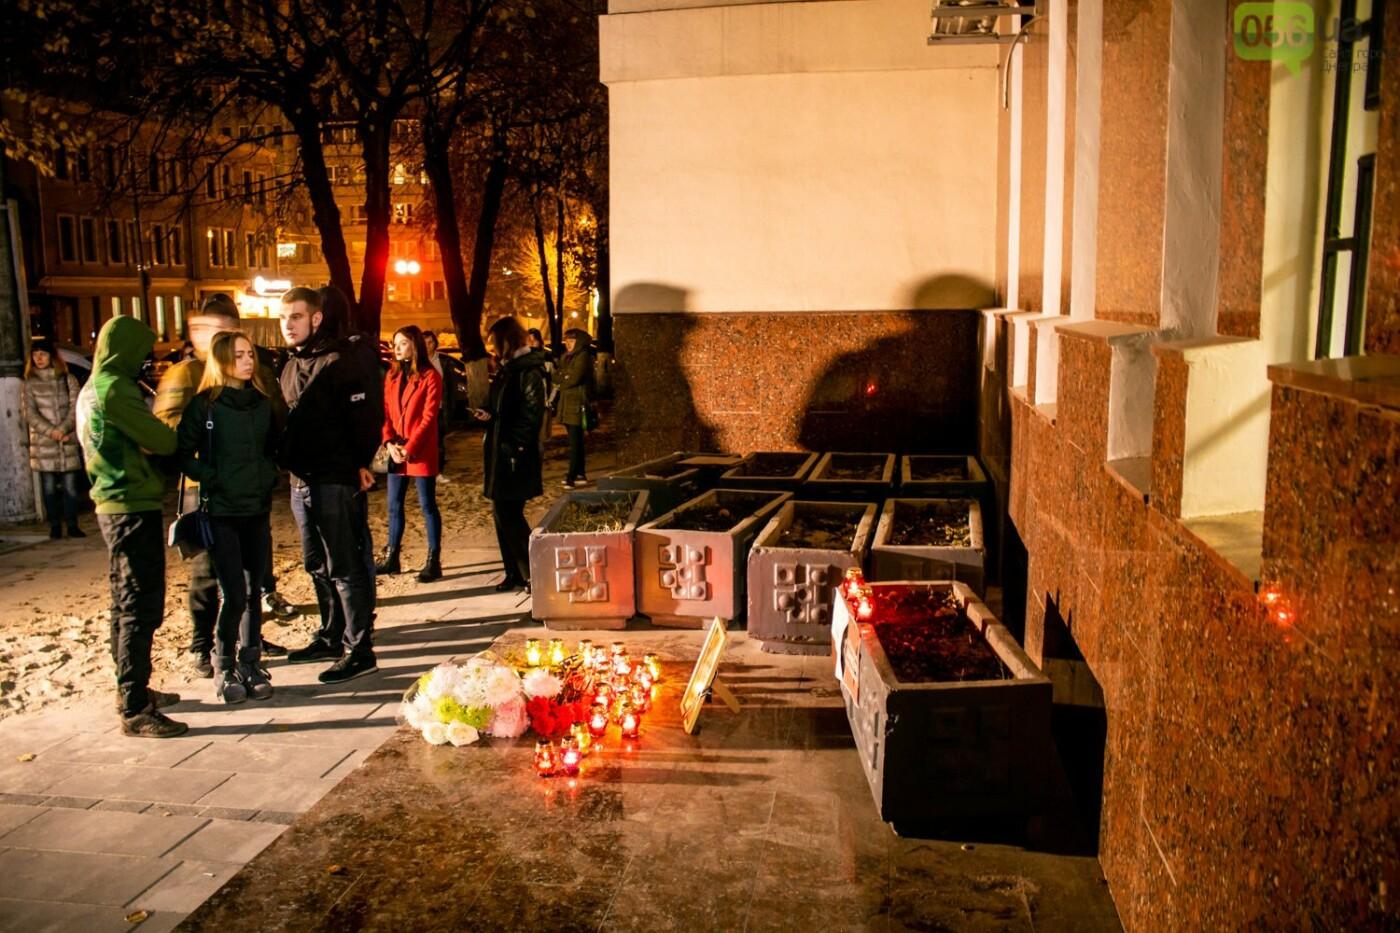 «Чтобы полиция передала «привет» на Киев»: в Днепре прошел вечер памяти погибшей активистки Кати Гандзюк, - ФОТО, ВИДЕО, фото-5